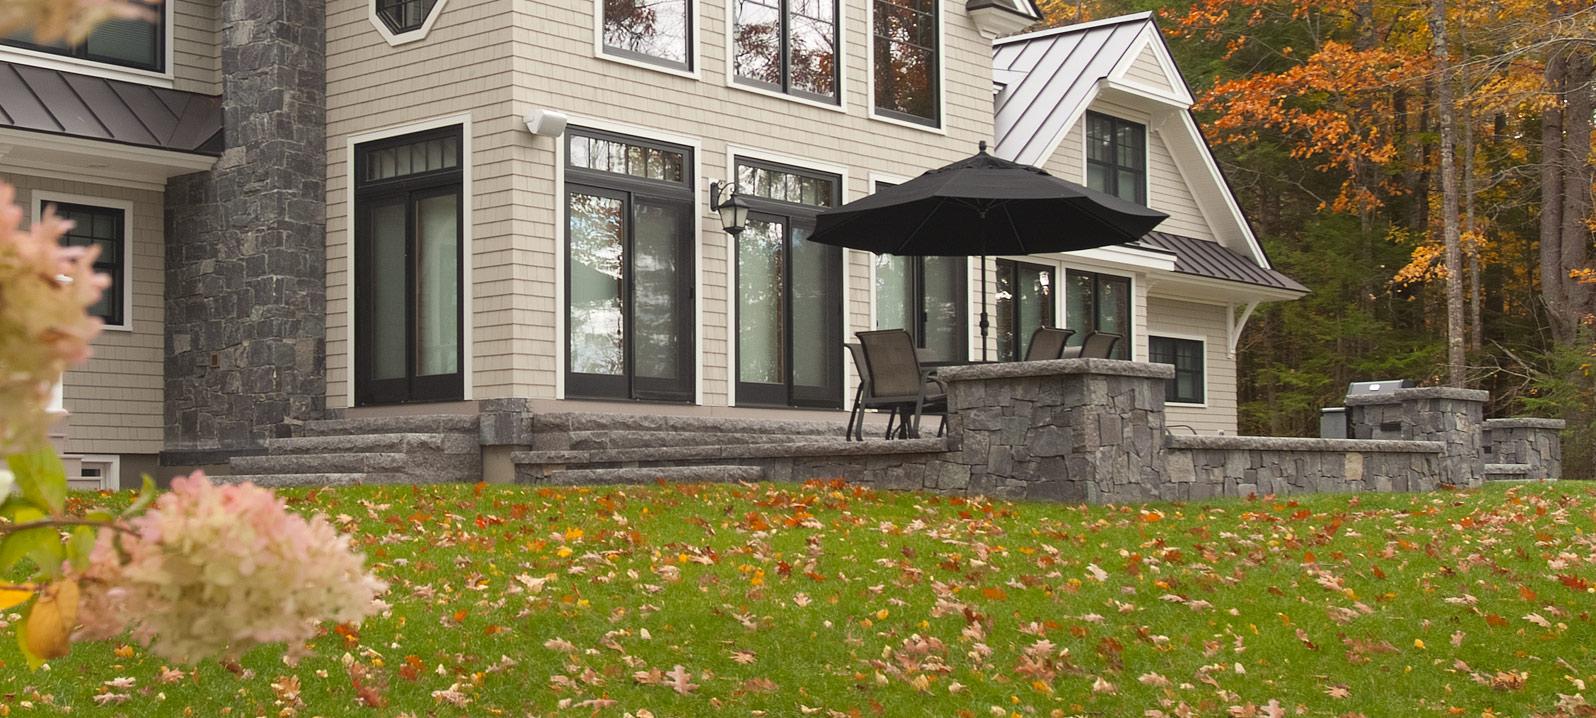 Swenson Granite Works Caledonia Granite Steps Cap Pavers